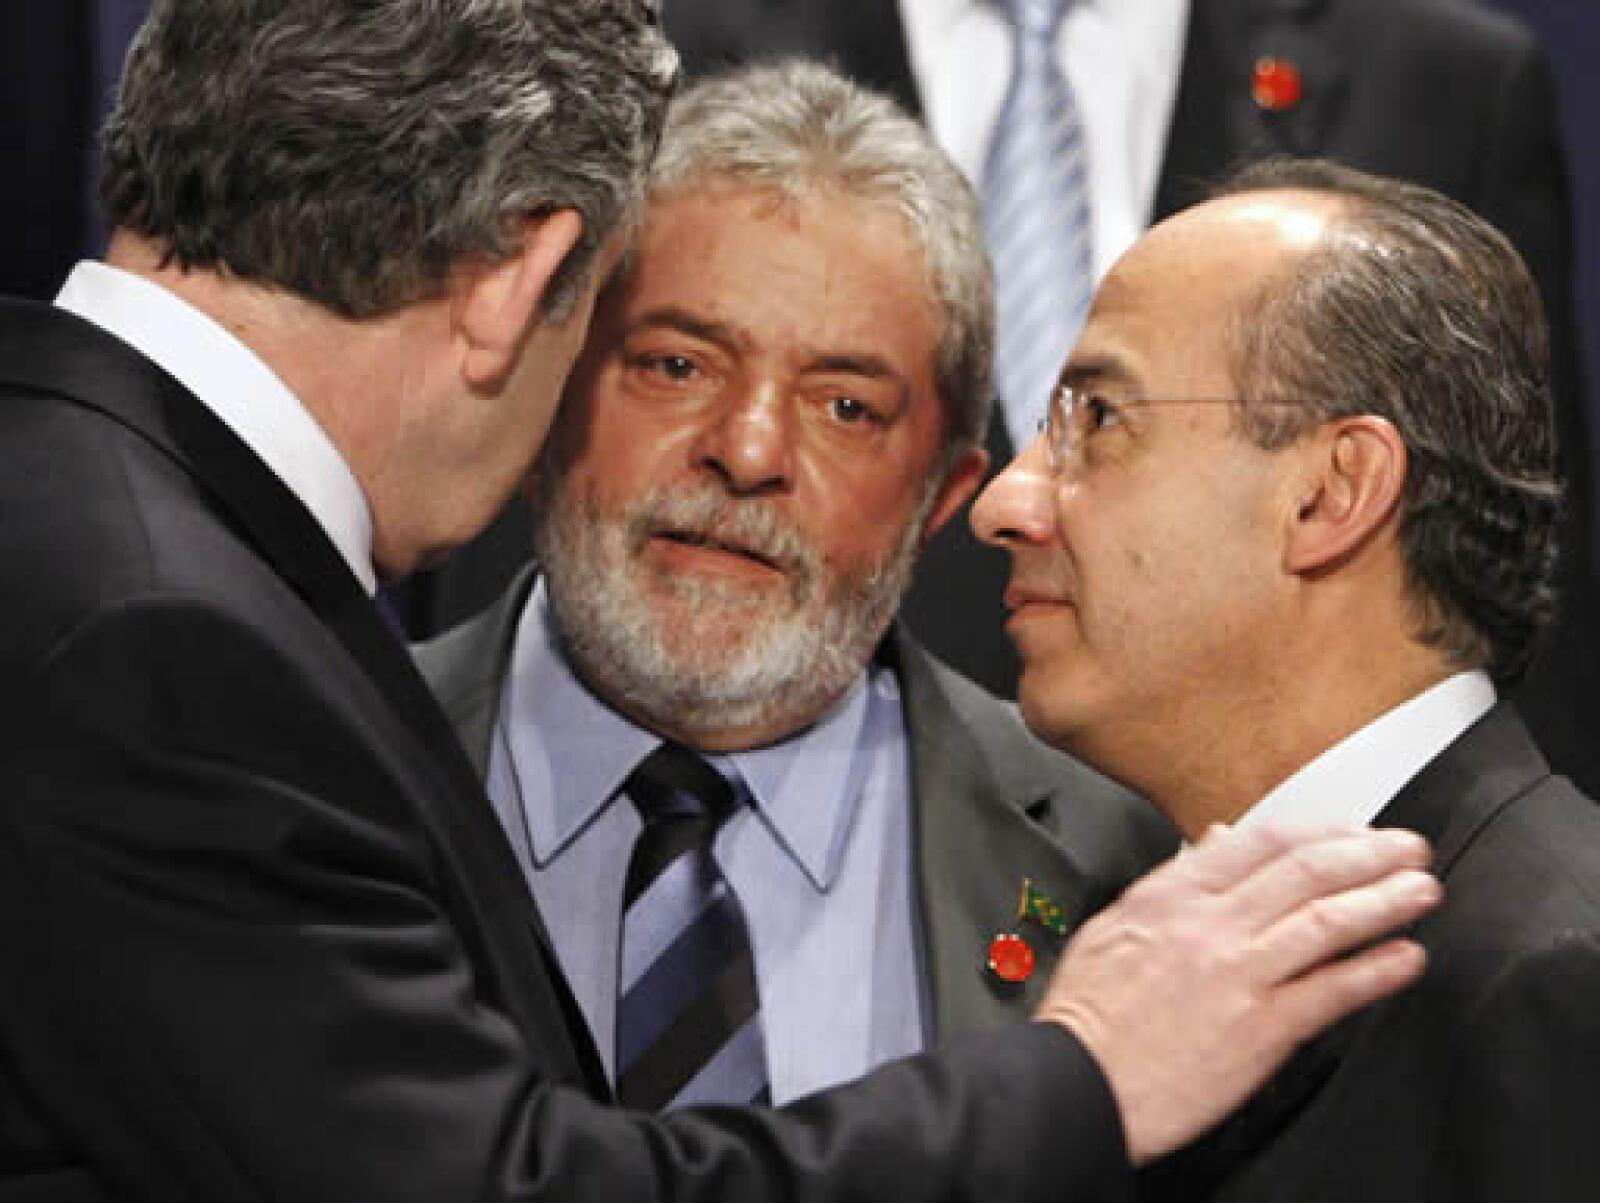 El anfitrión de la cumbre, Gordon Brown (izq), mostró interés en conocer las posturas de los mandatarios de Brasil y México, Luiz Inacio Lula da Silva y Felipe Calderón, respectivamente, para solucionar la crisis mundial.